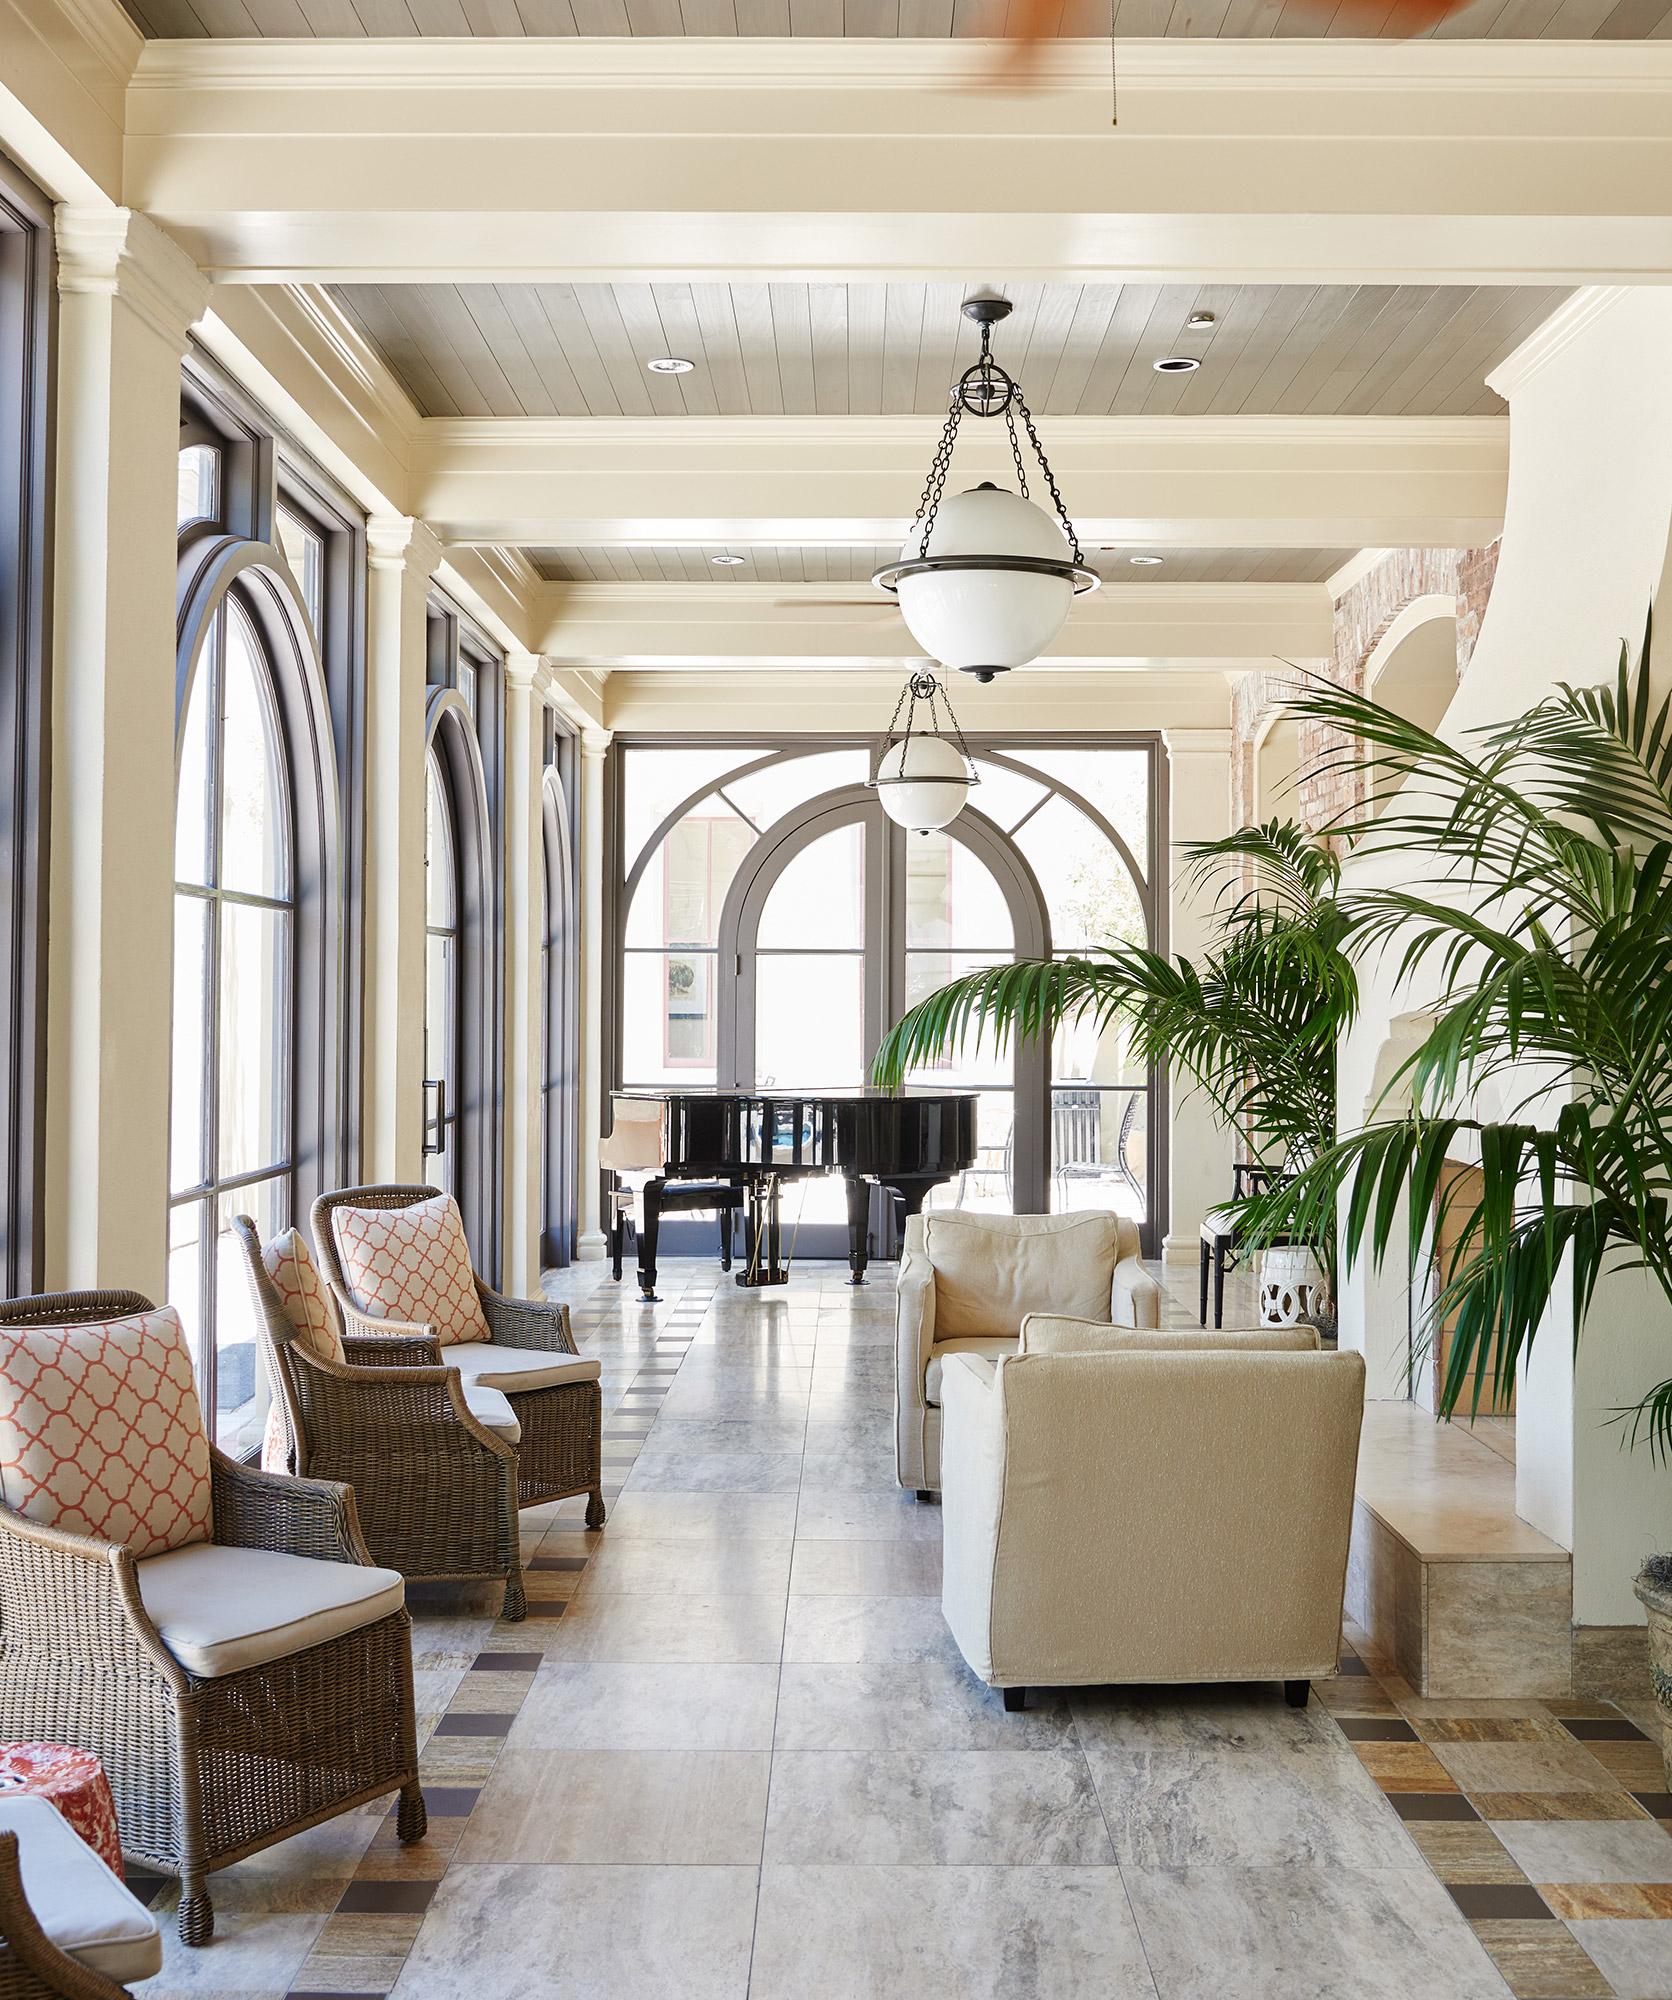 Covington Hotel Interior